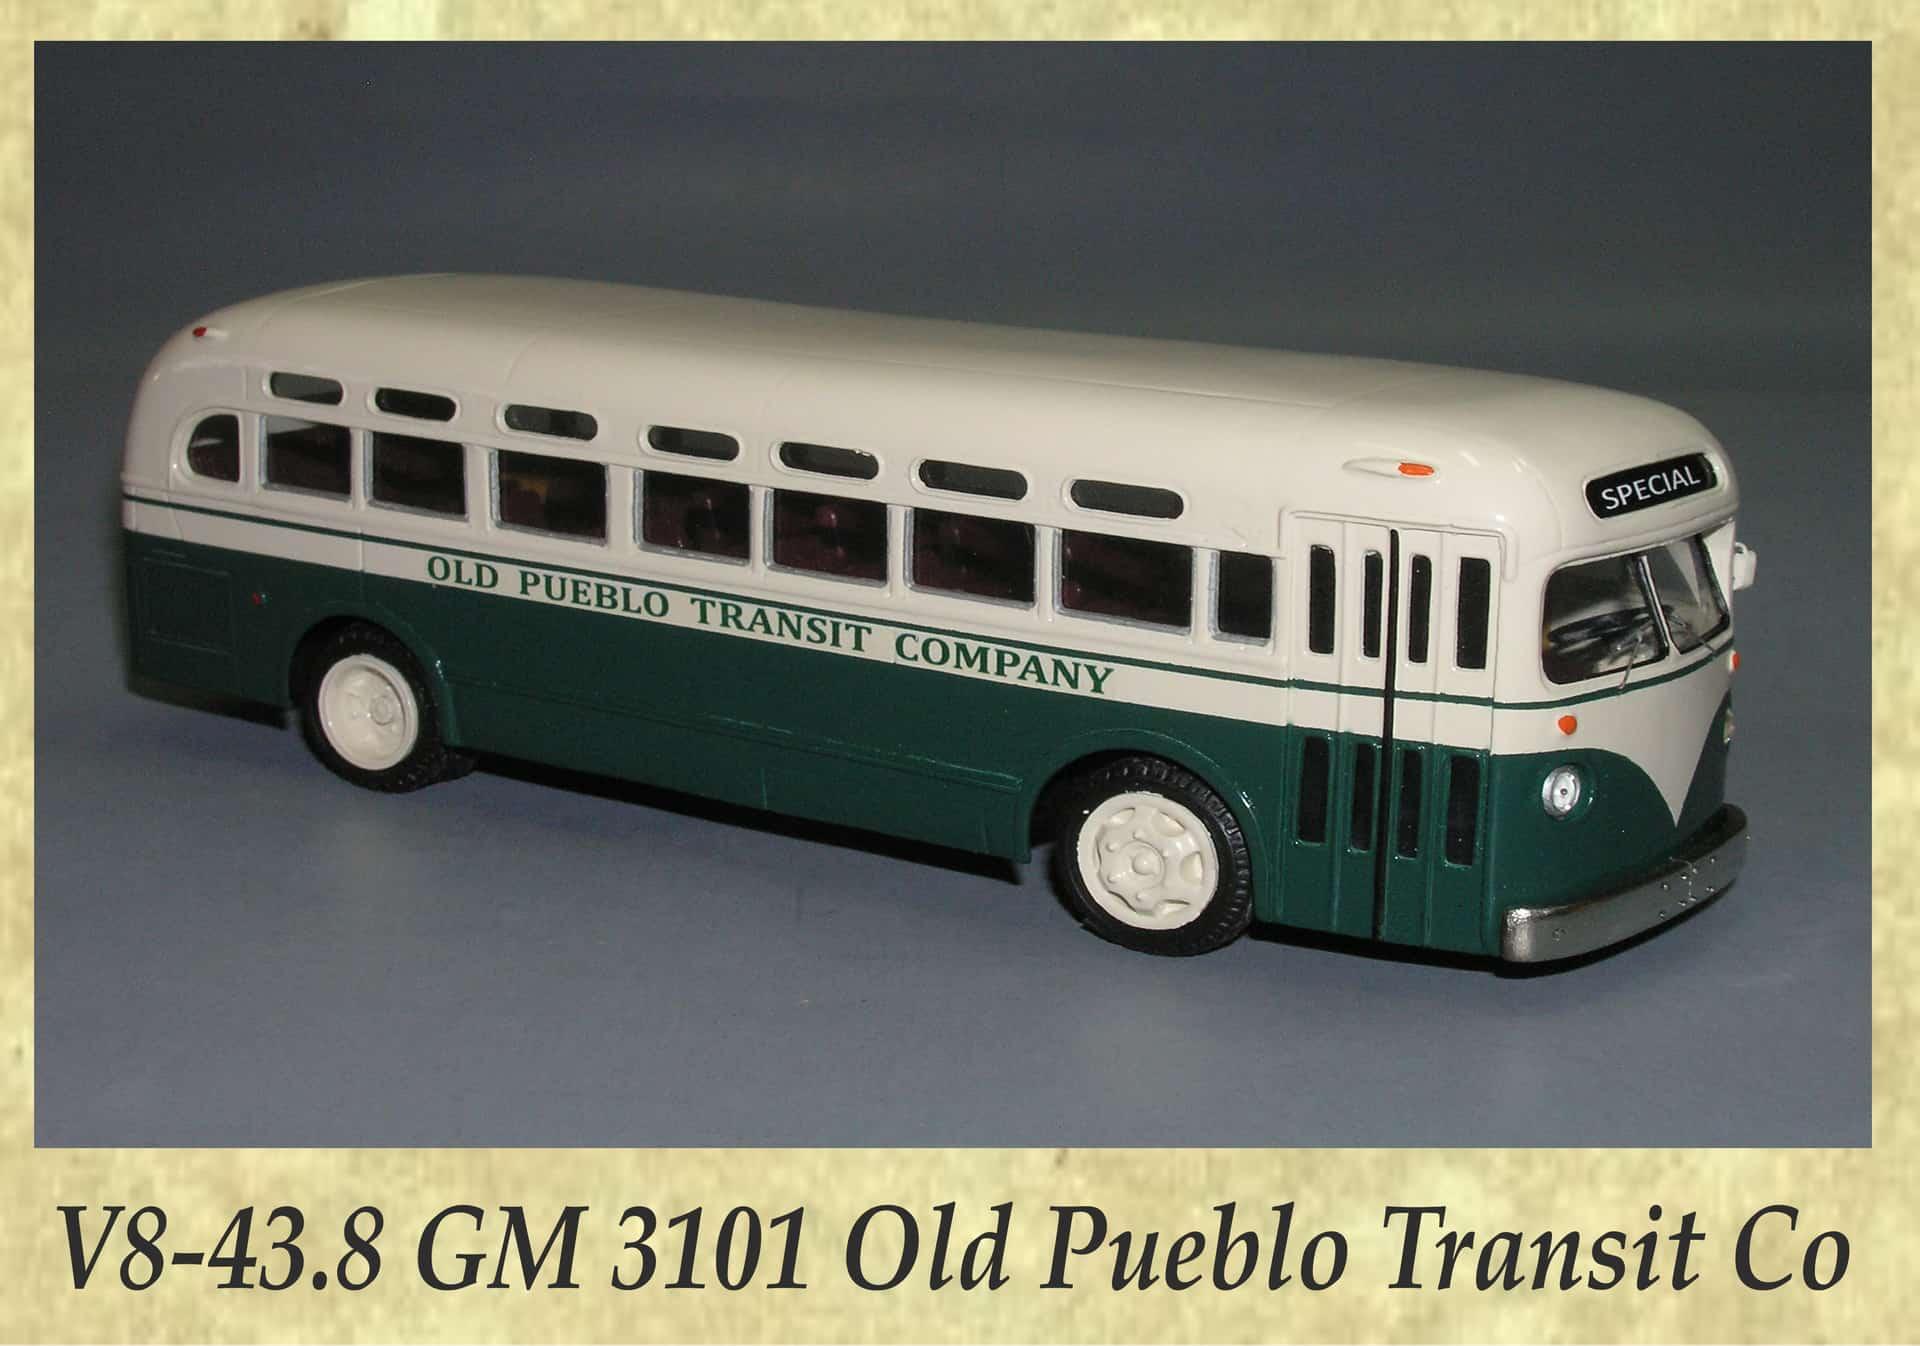 V8-43.8 GM 3101 Old Pueblo Transit Co